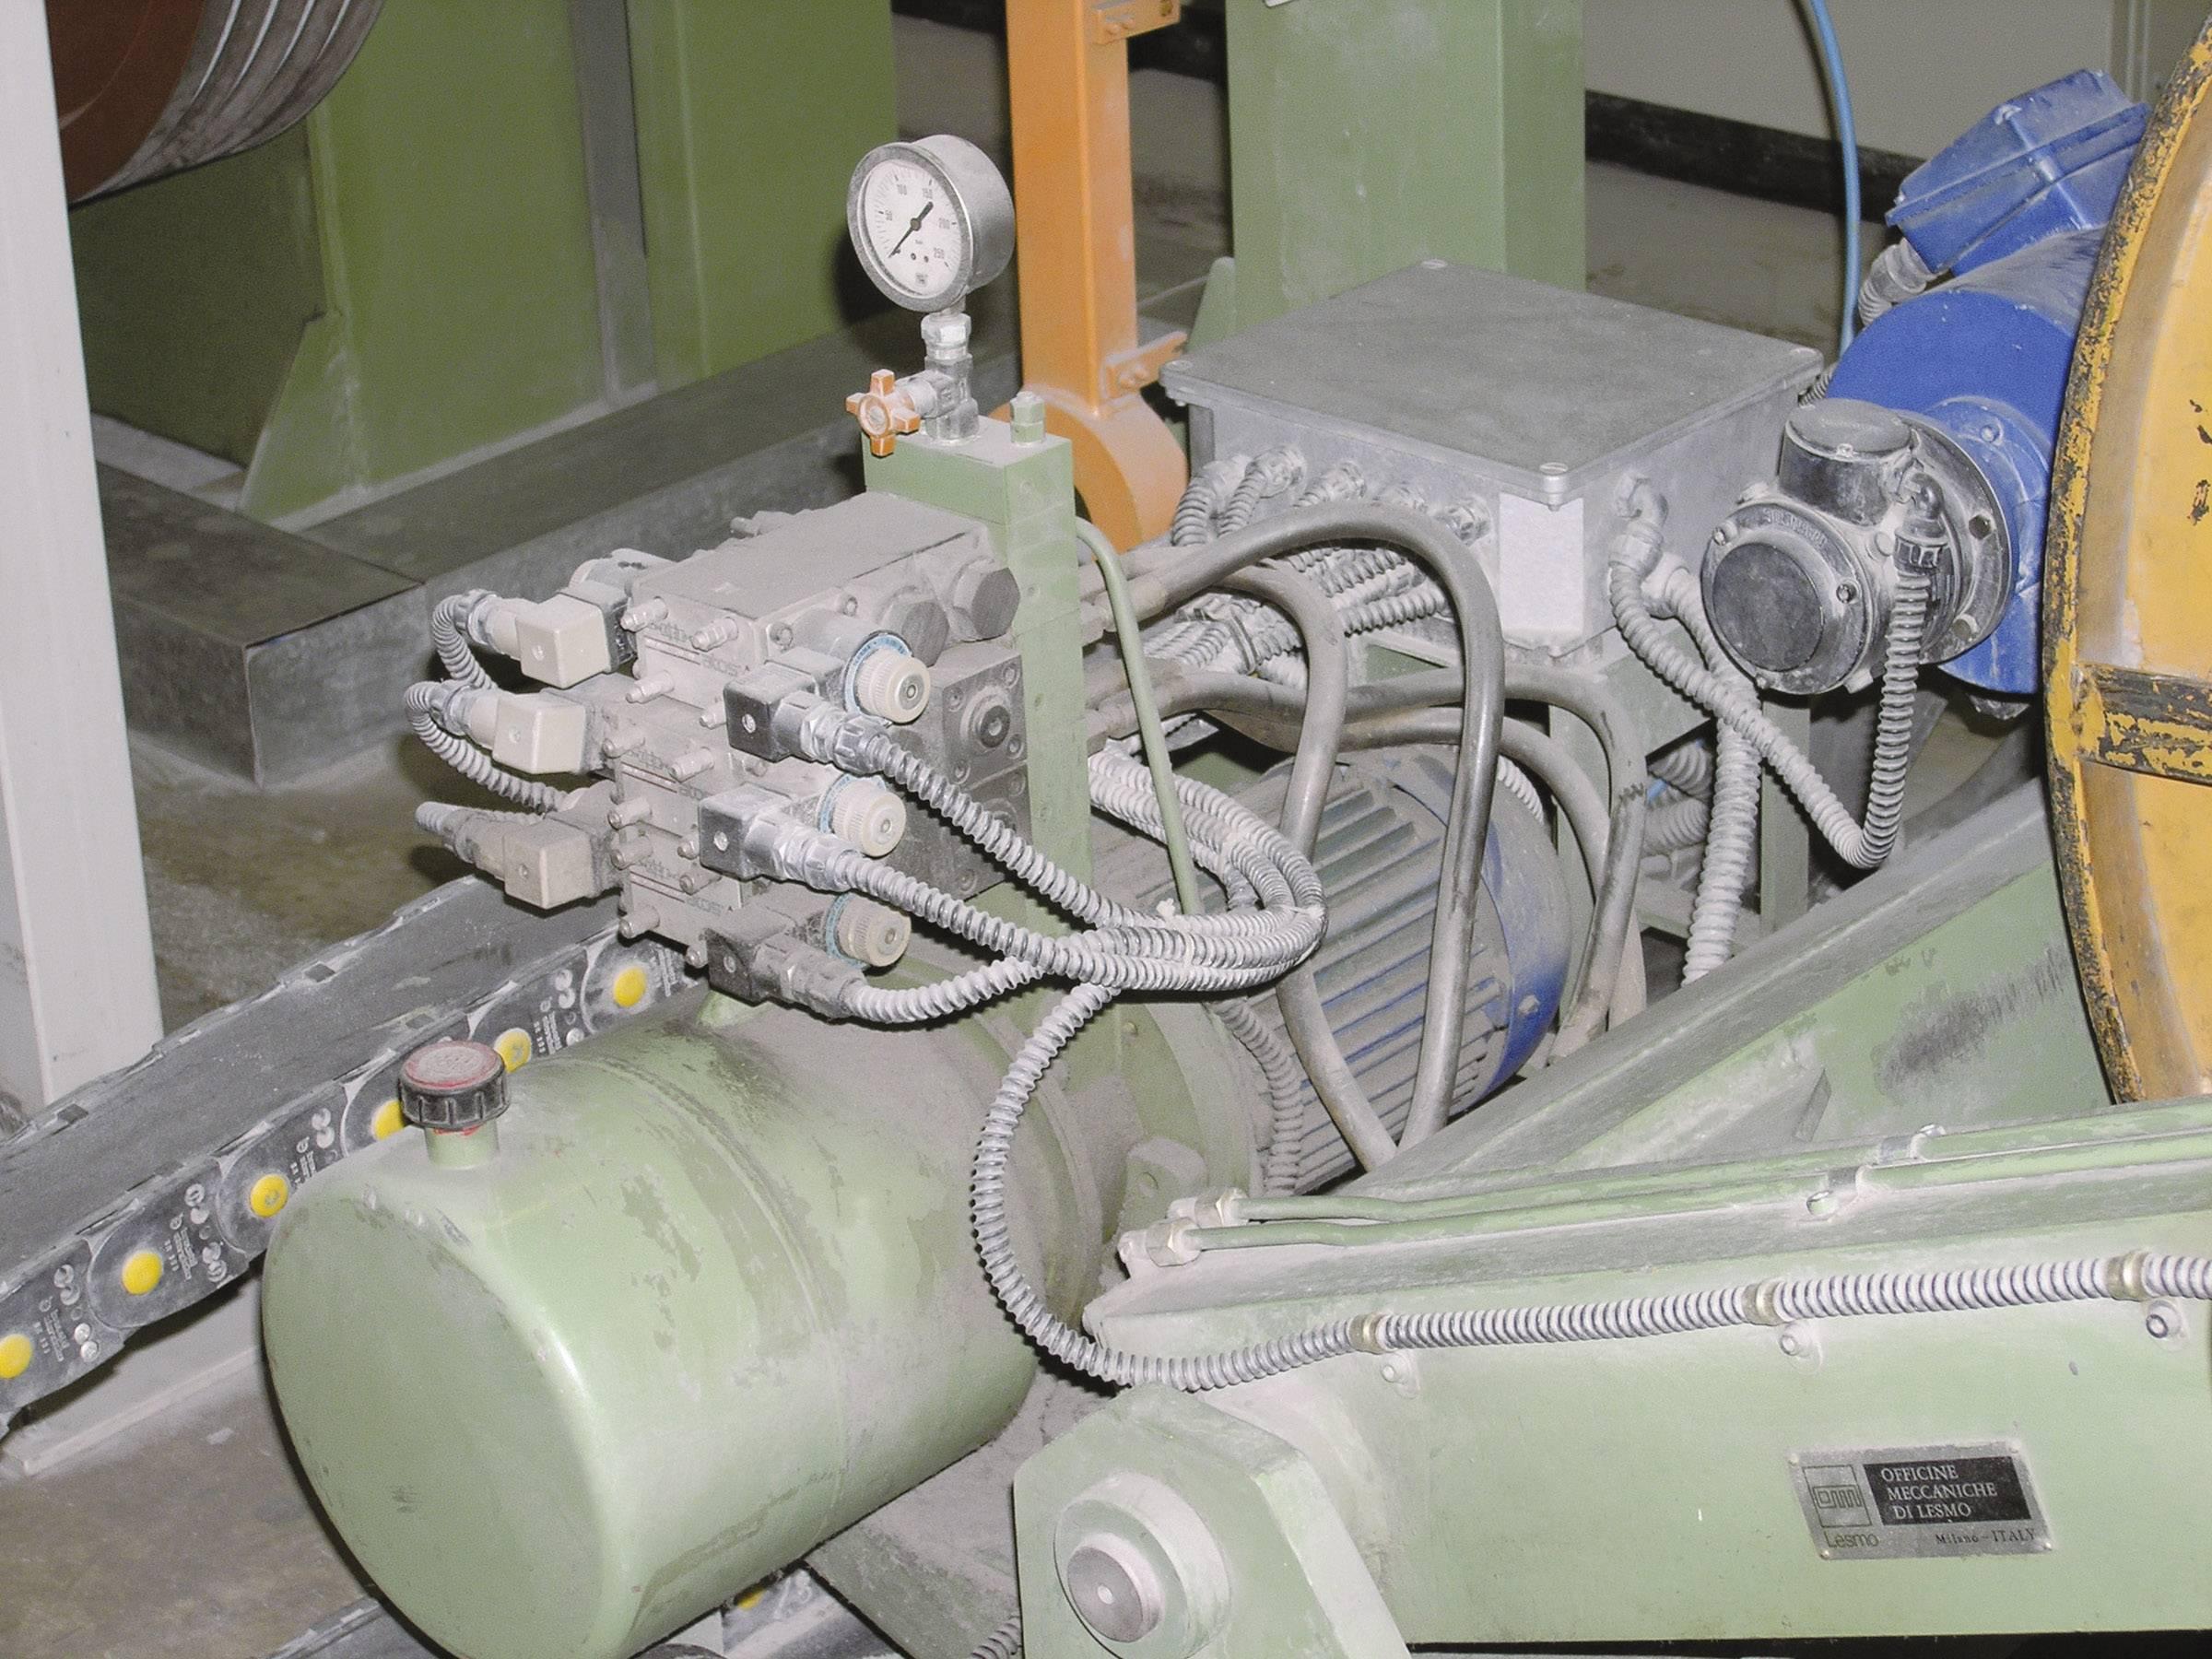 Ochranný plášť (10 m) LappKabel SILVYN EL 12x16,6 SGY (61747370), PVC